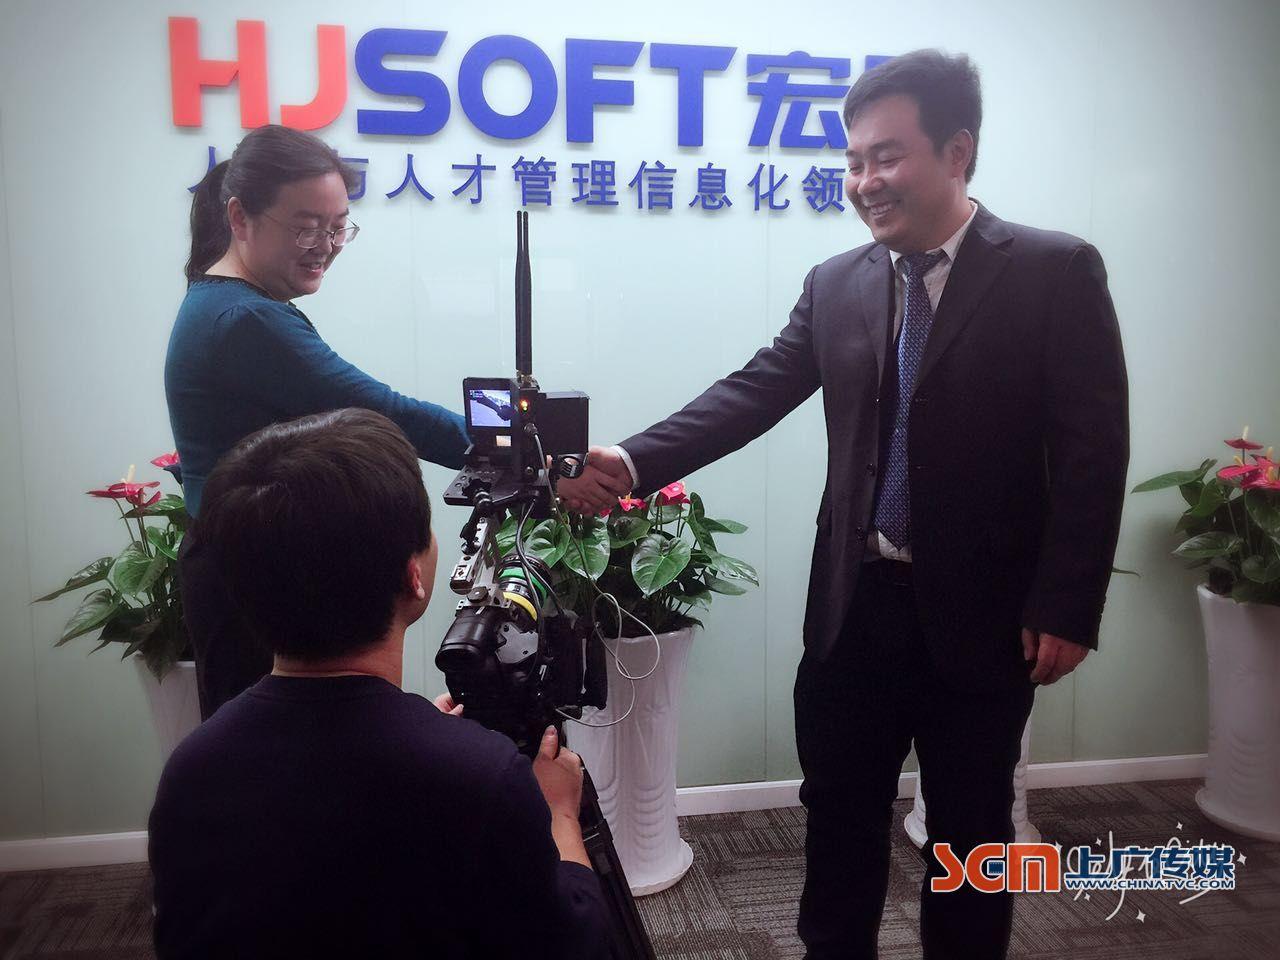 北京宏景世纪软件有限公司拍摄花絮宣传片拍摄制作现场花絮